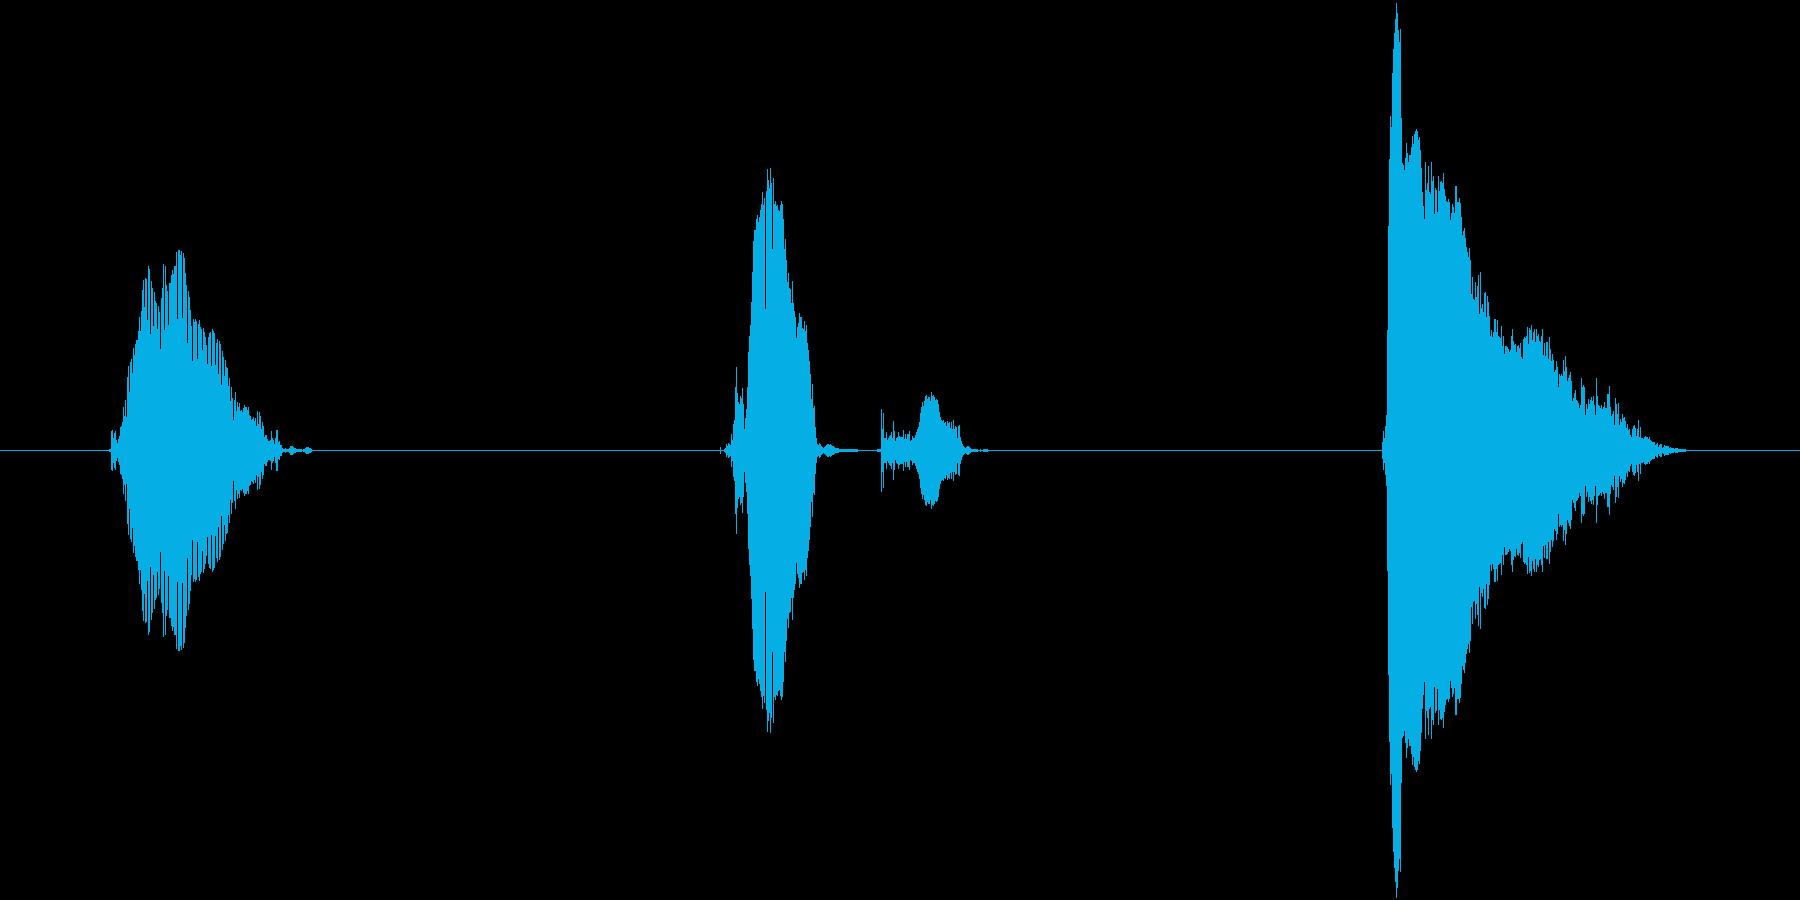 ぐー、ちょき、ぱー!の再生済みの波形